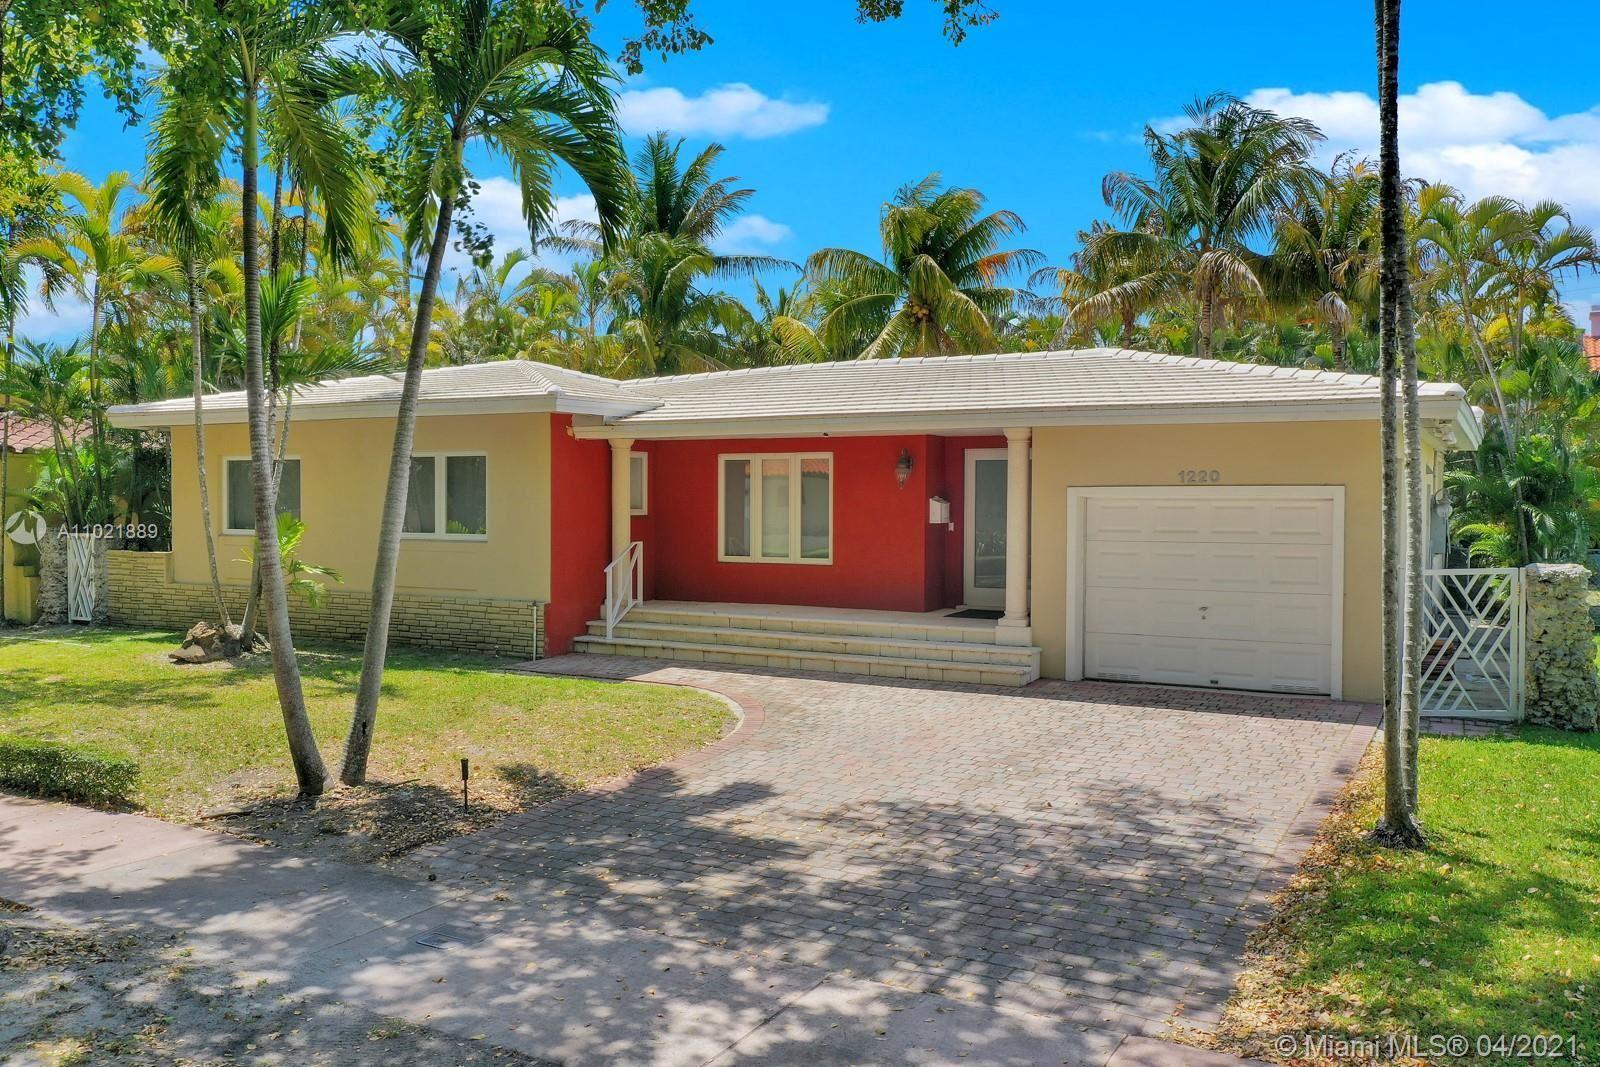 1220 Capri St, Coral Gables, FL 33134 - #: A11021889